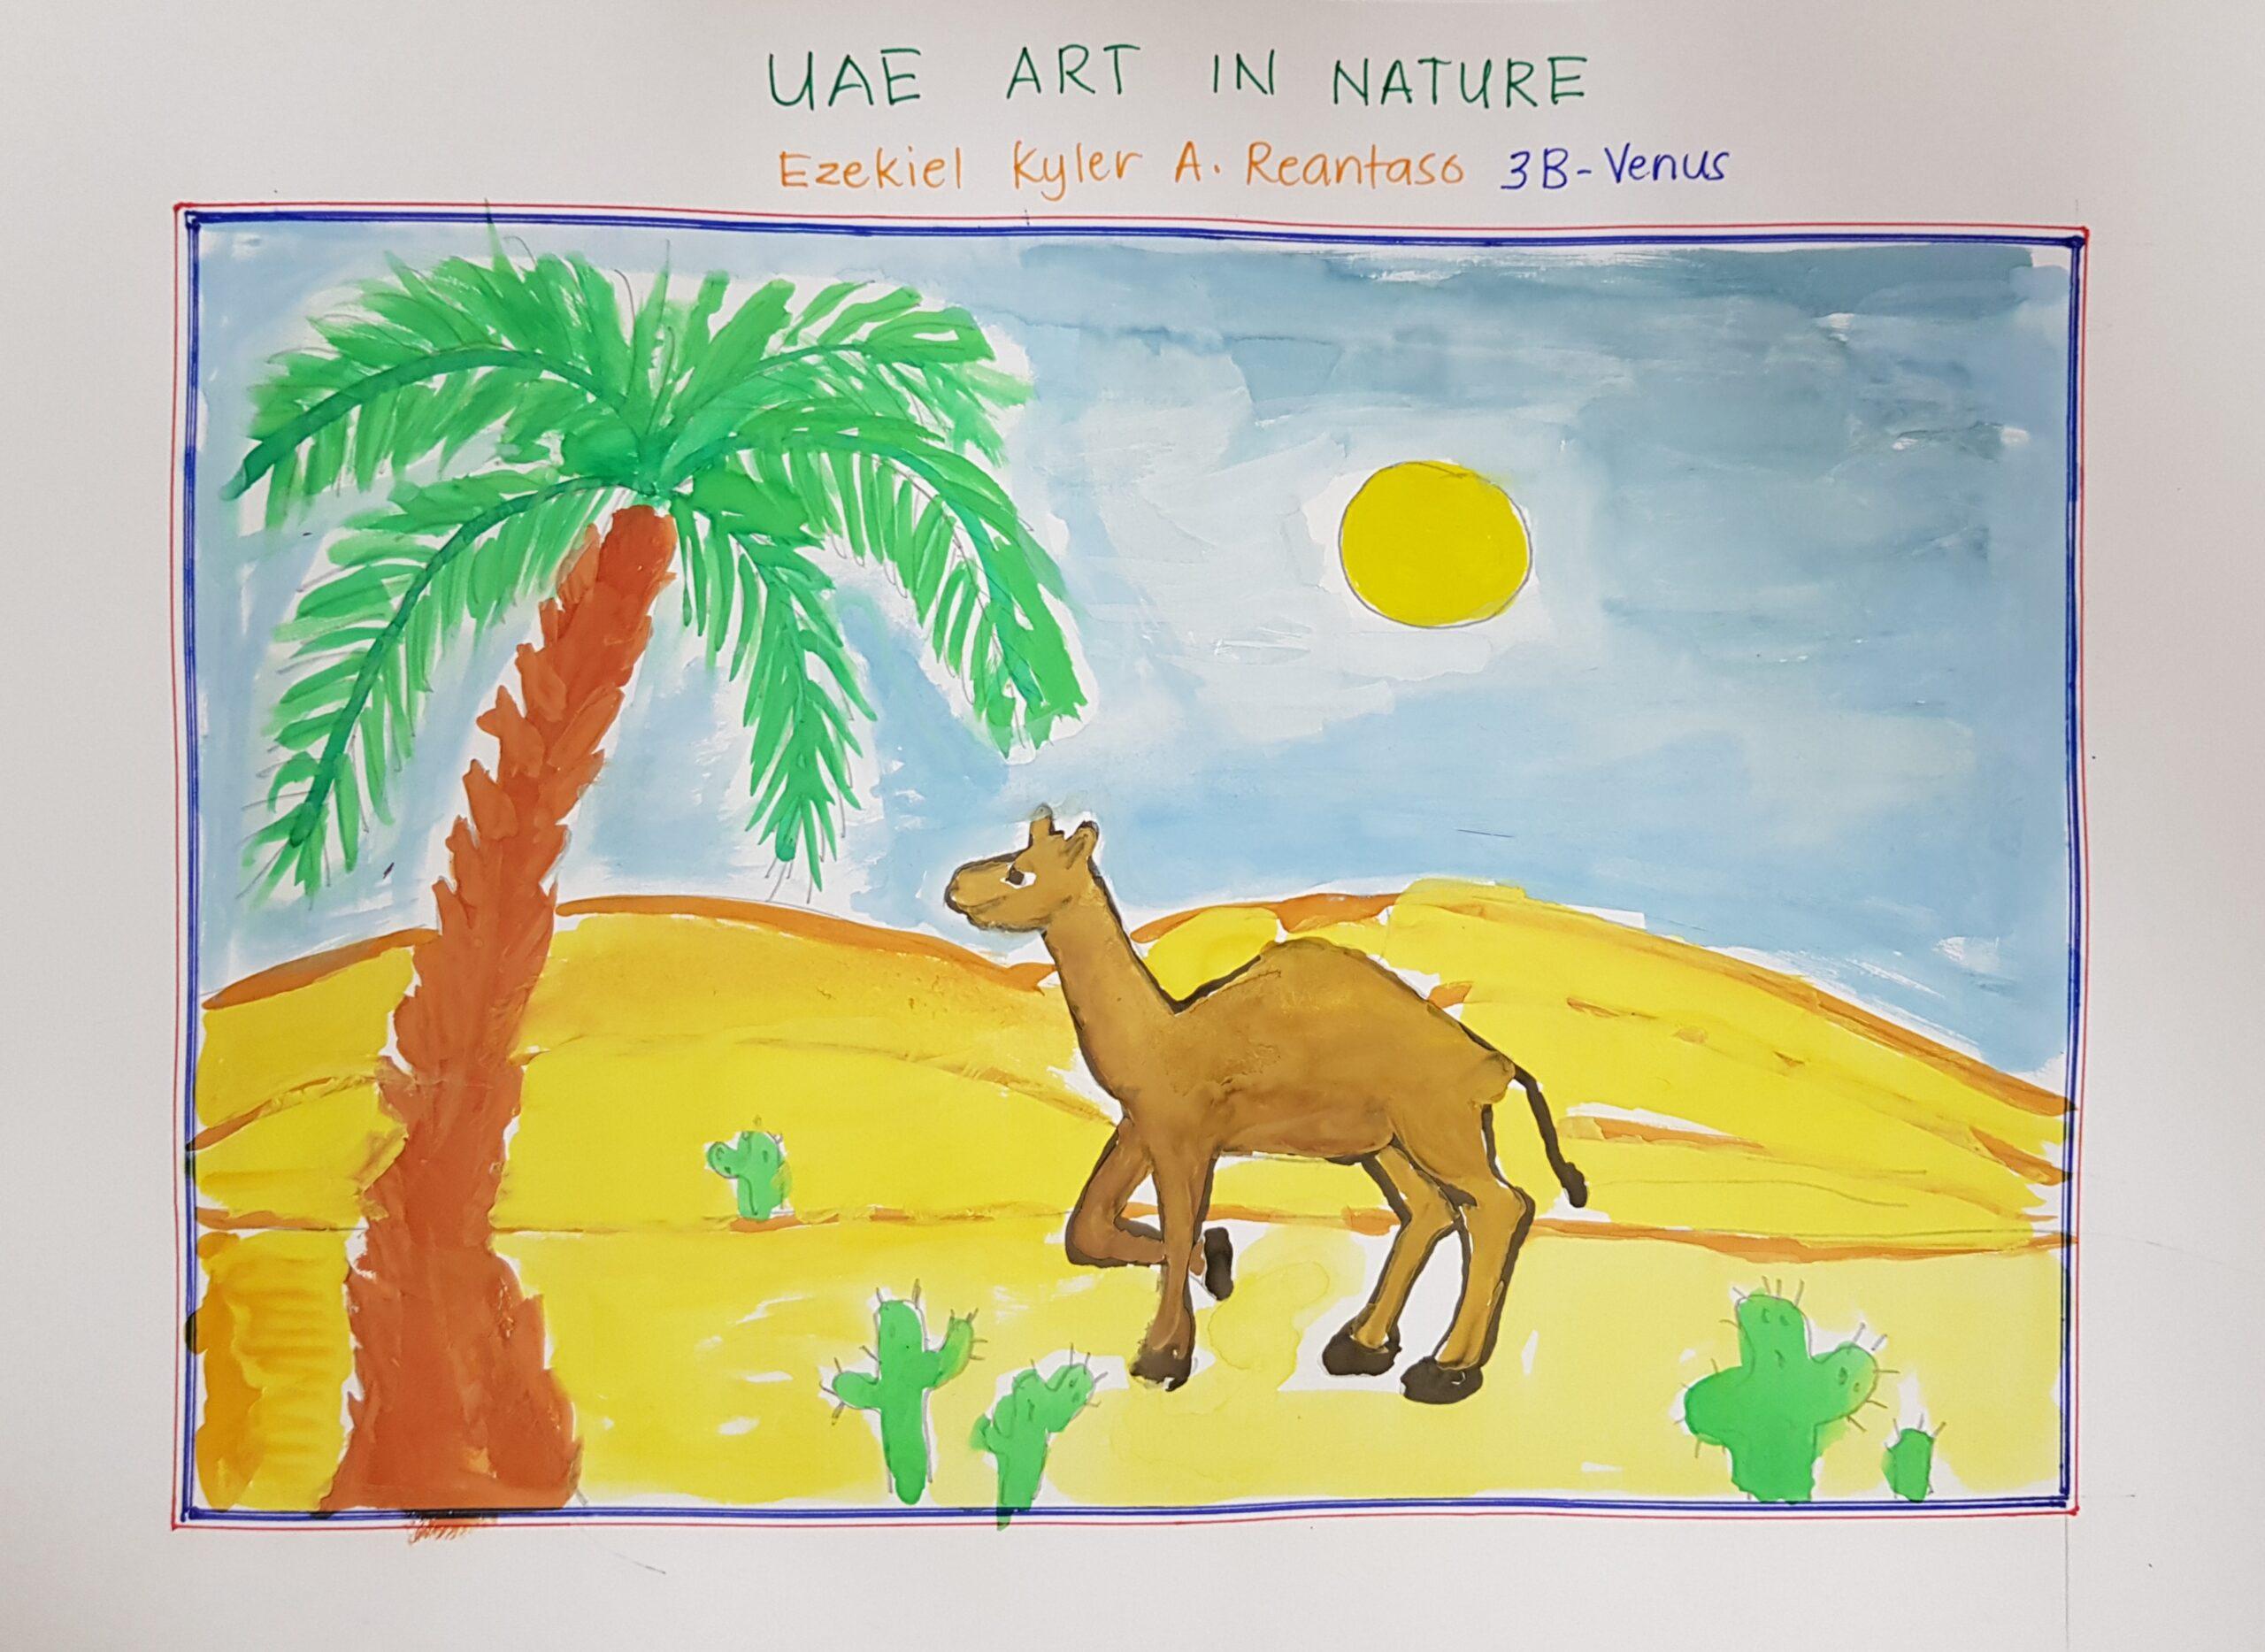 UAE Art in Nature by Ezekiel Kyler A.Reantaso